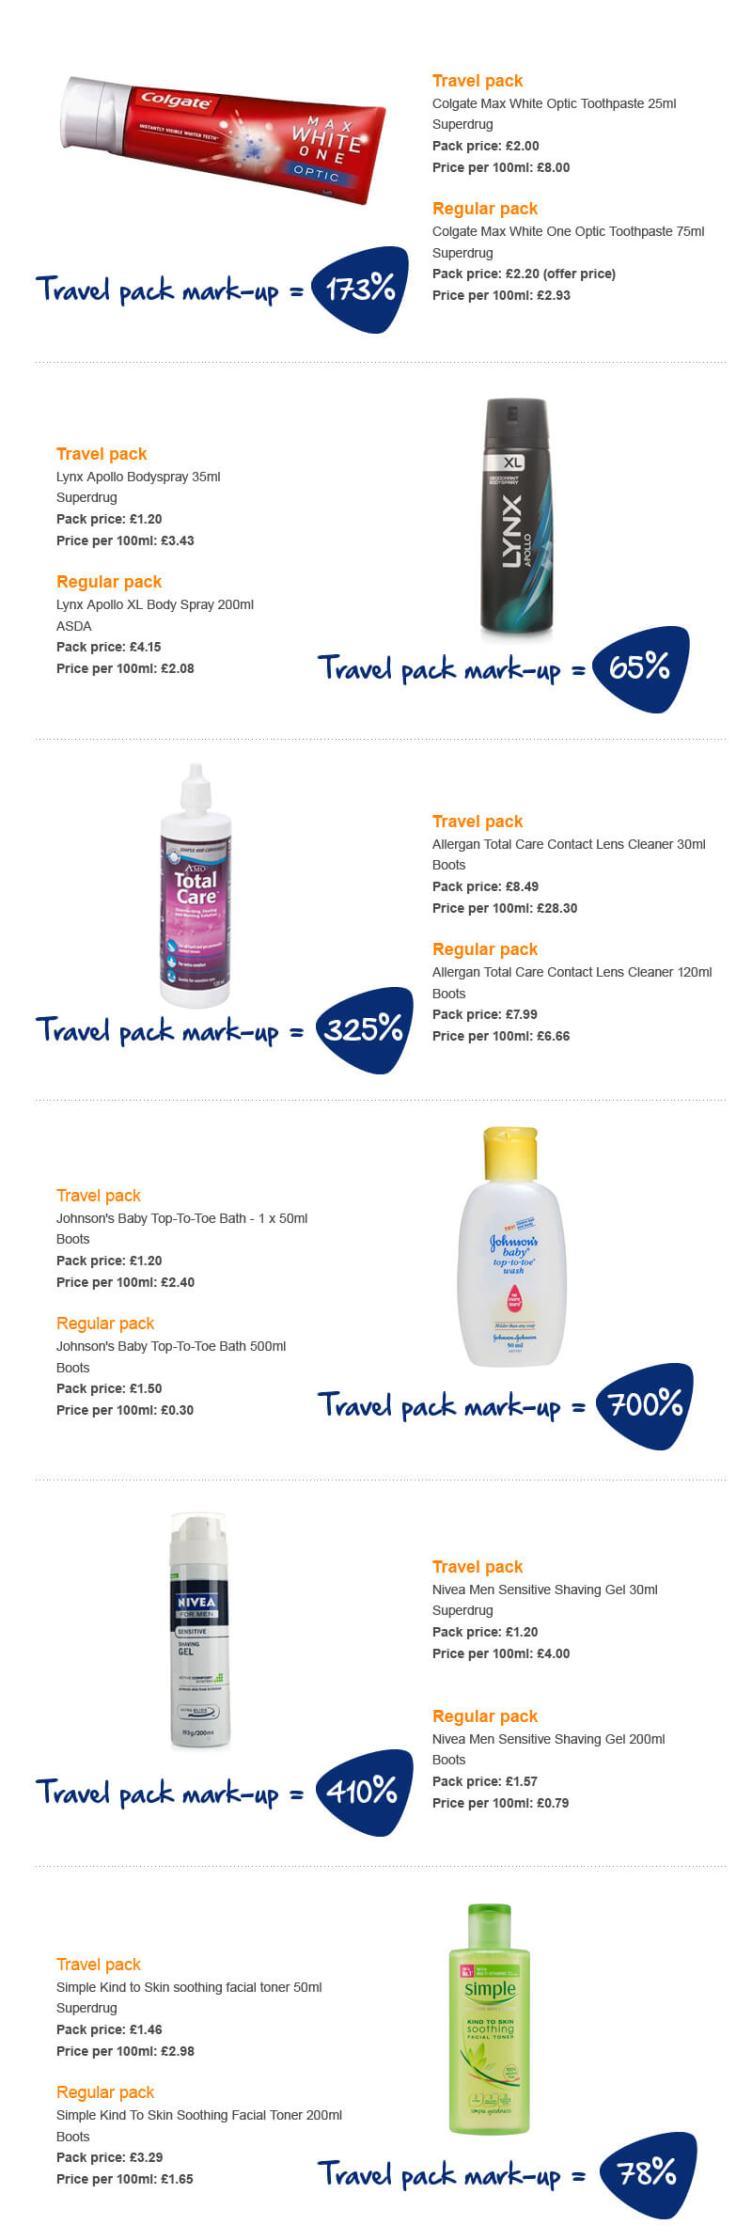 Travel packs revealed